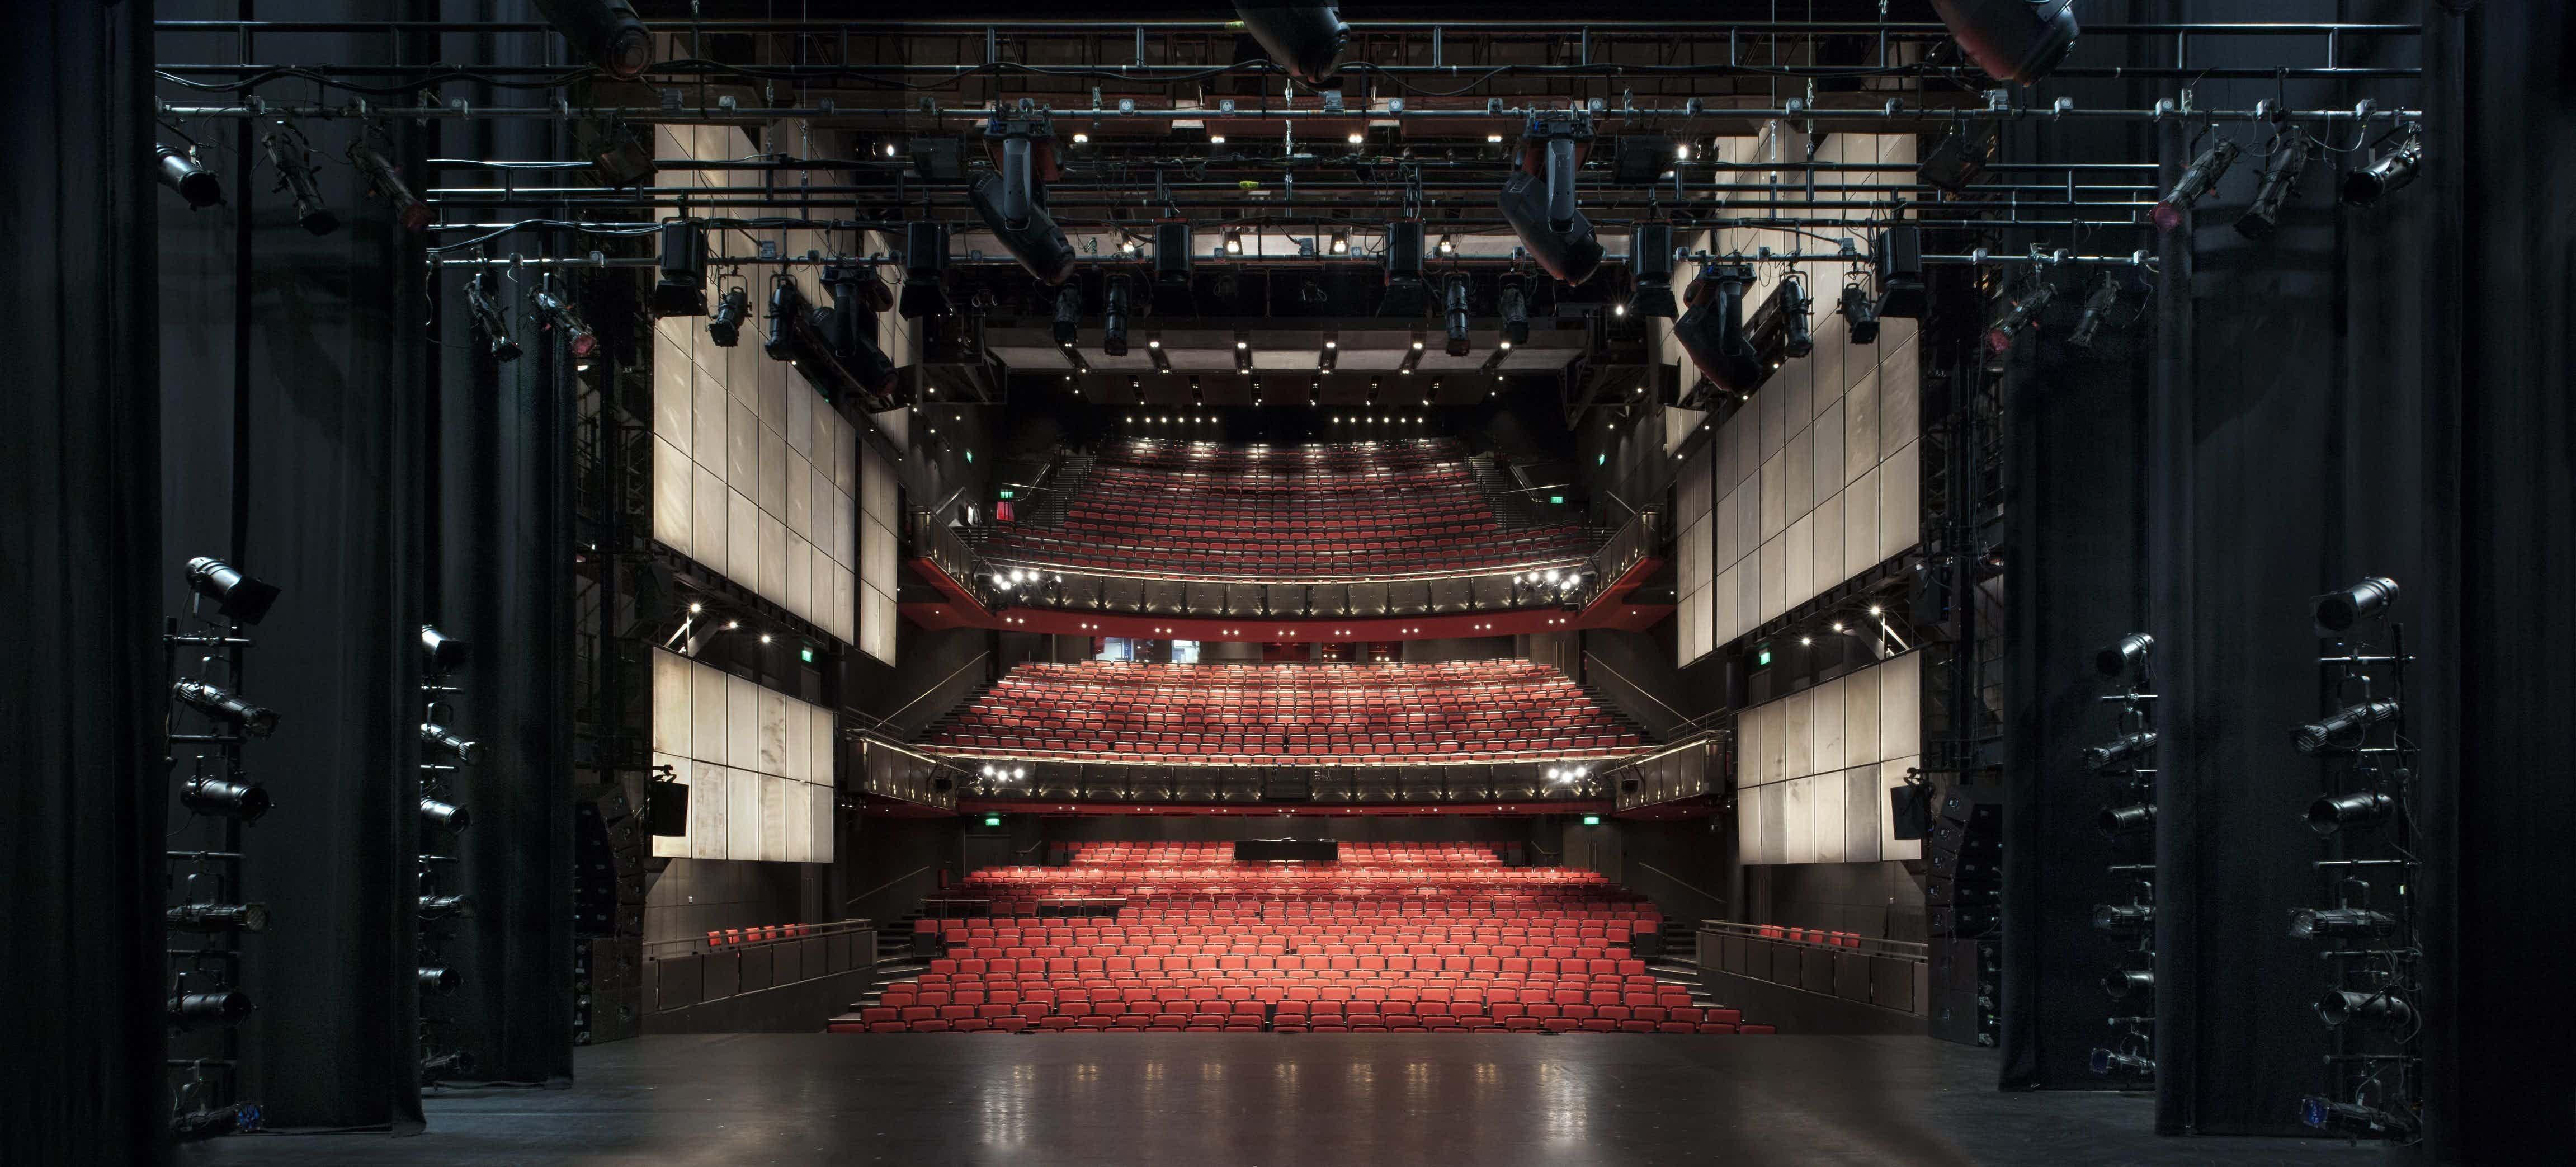 Main Auditorium, Sadler's Wells Theatre